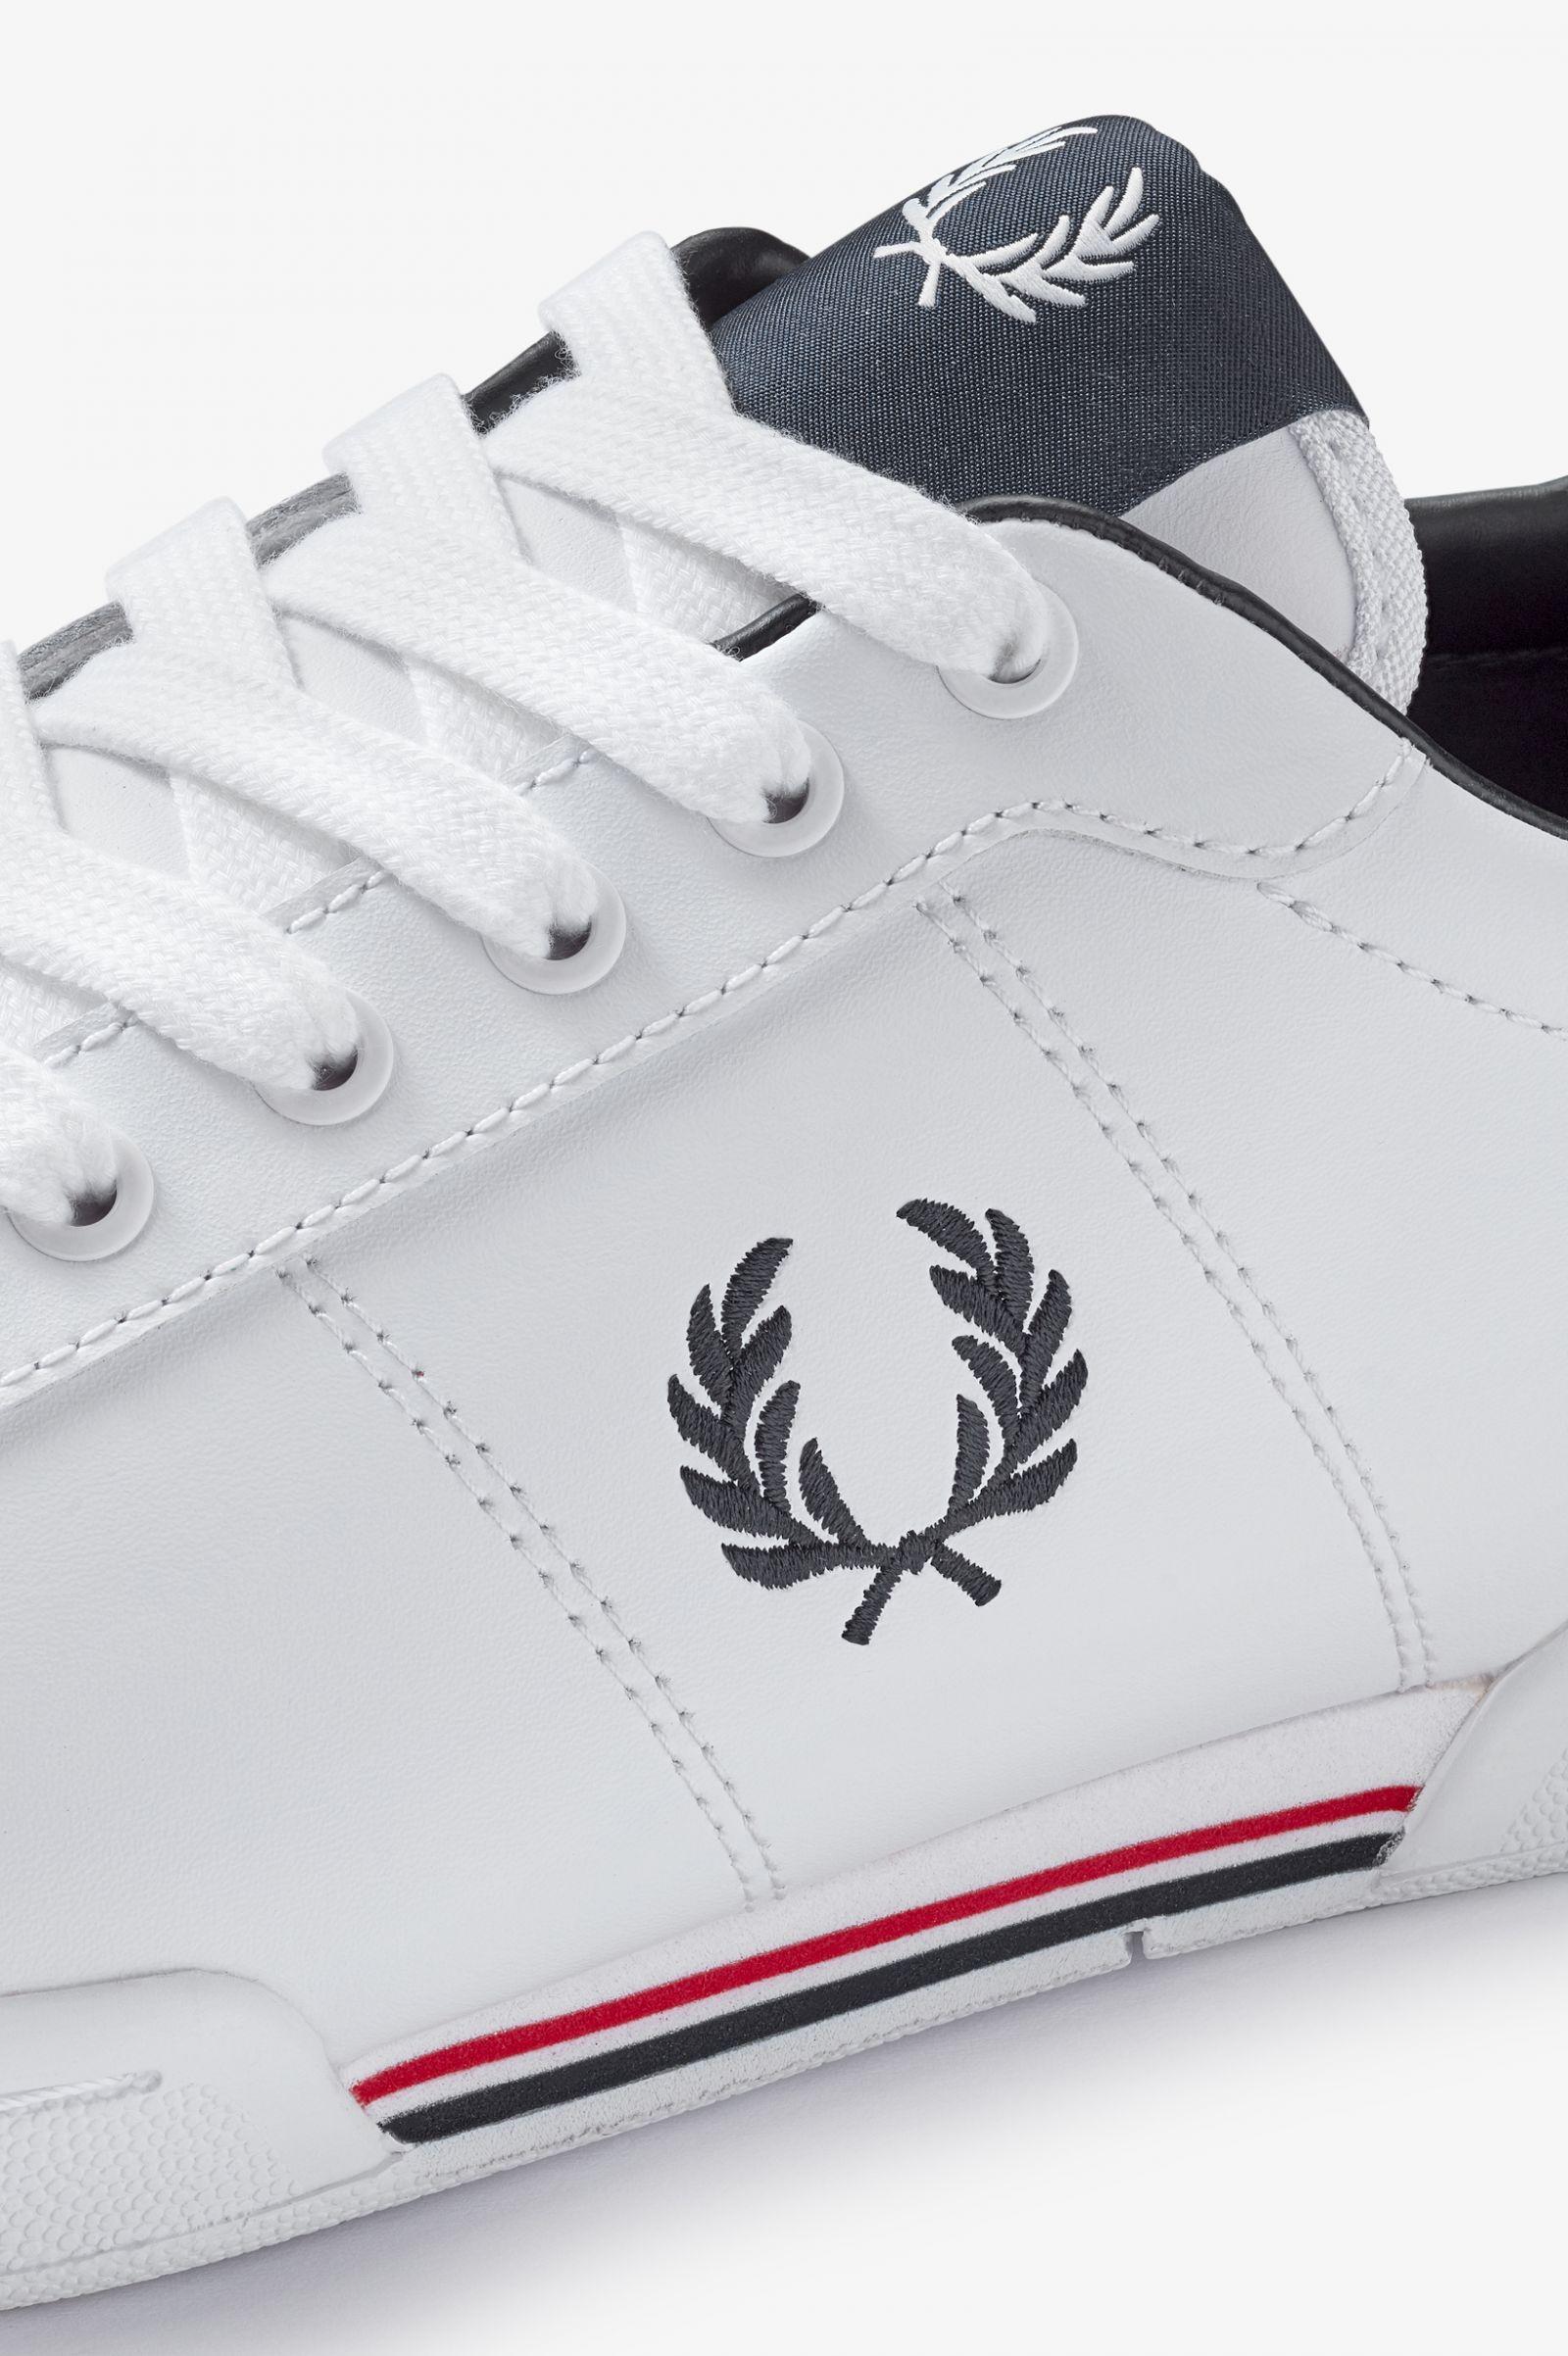 B722 Leather - White | Men's Footwear